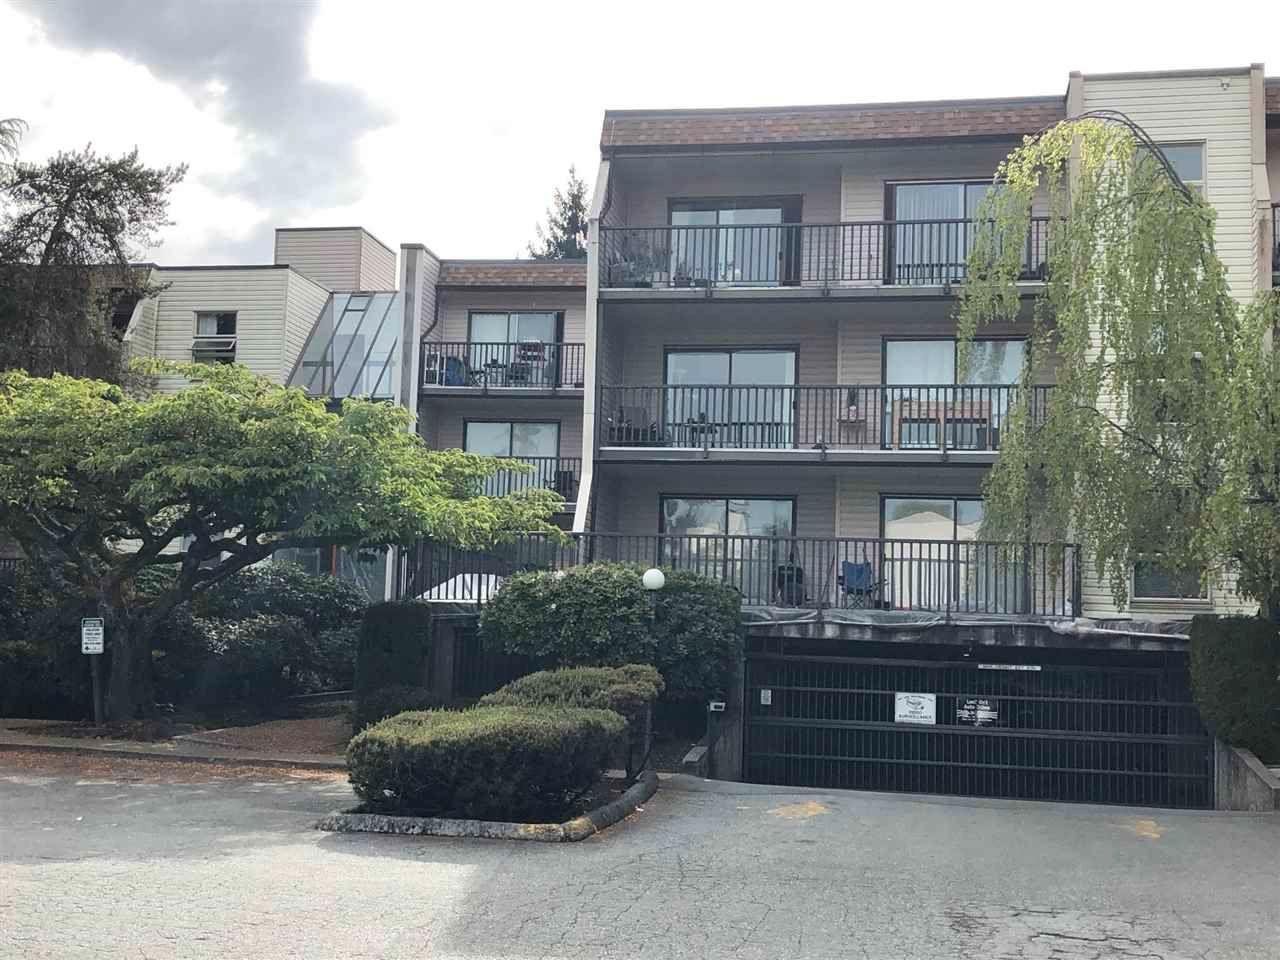 """Main Photo: 304 15238 100 Avenue in Surrey: Guildford Condo for sale in """"CEDAR GROVE"""" (North Surrey)  : MLS®# R2576105"""